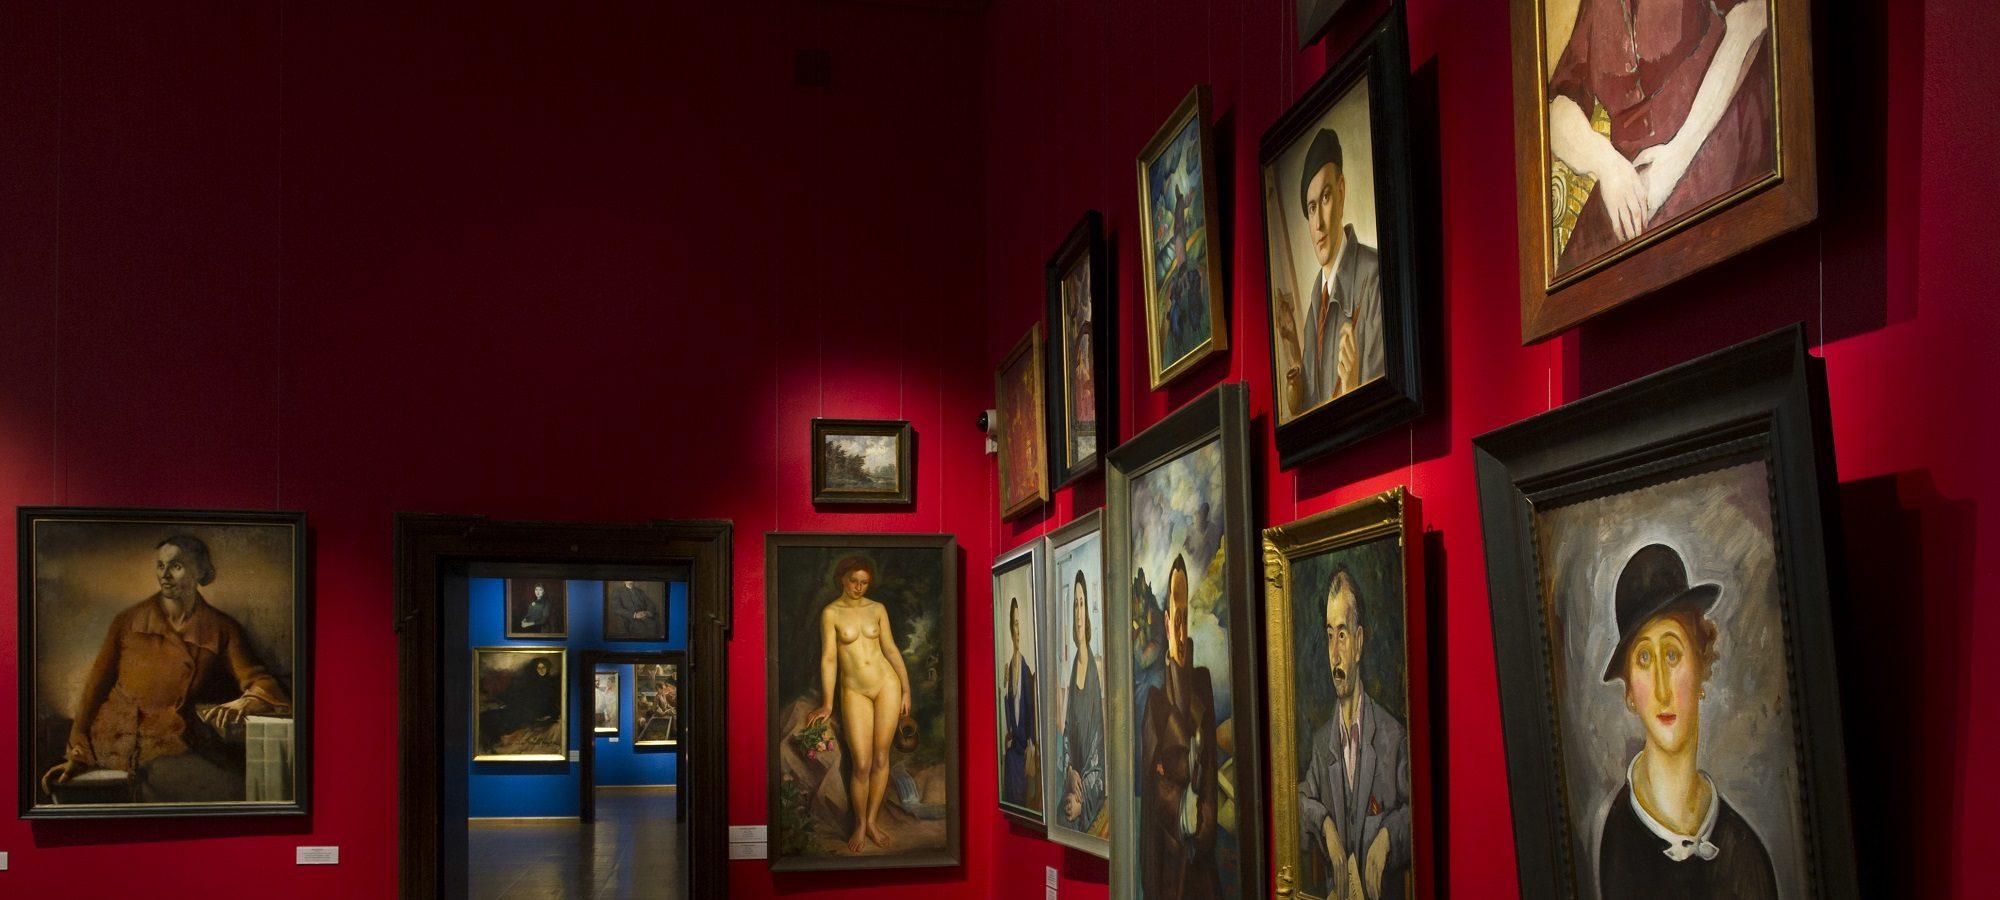 19 lipca nie będzie oprowadzania po galerii malarstwa i rzeźby polskiej